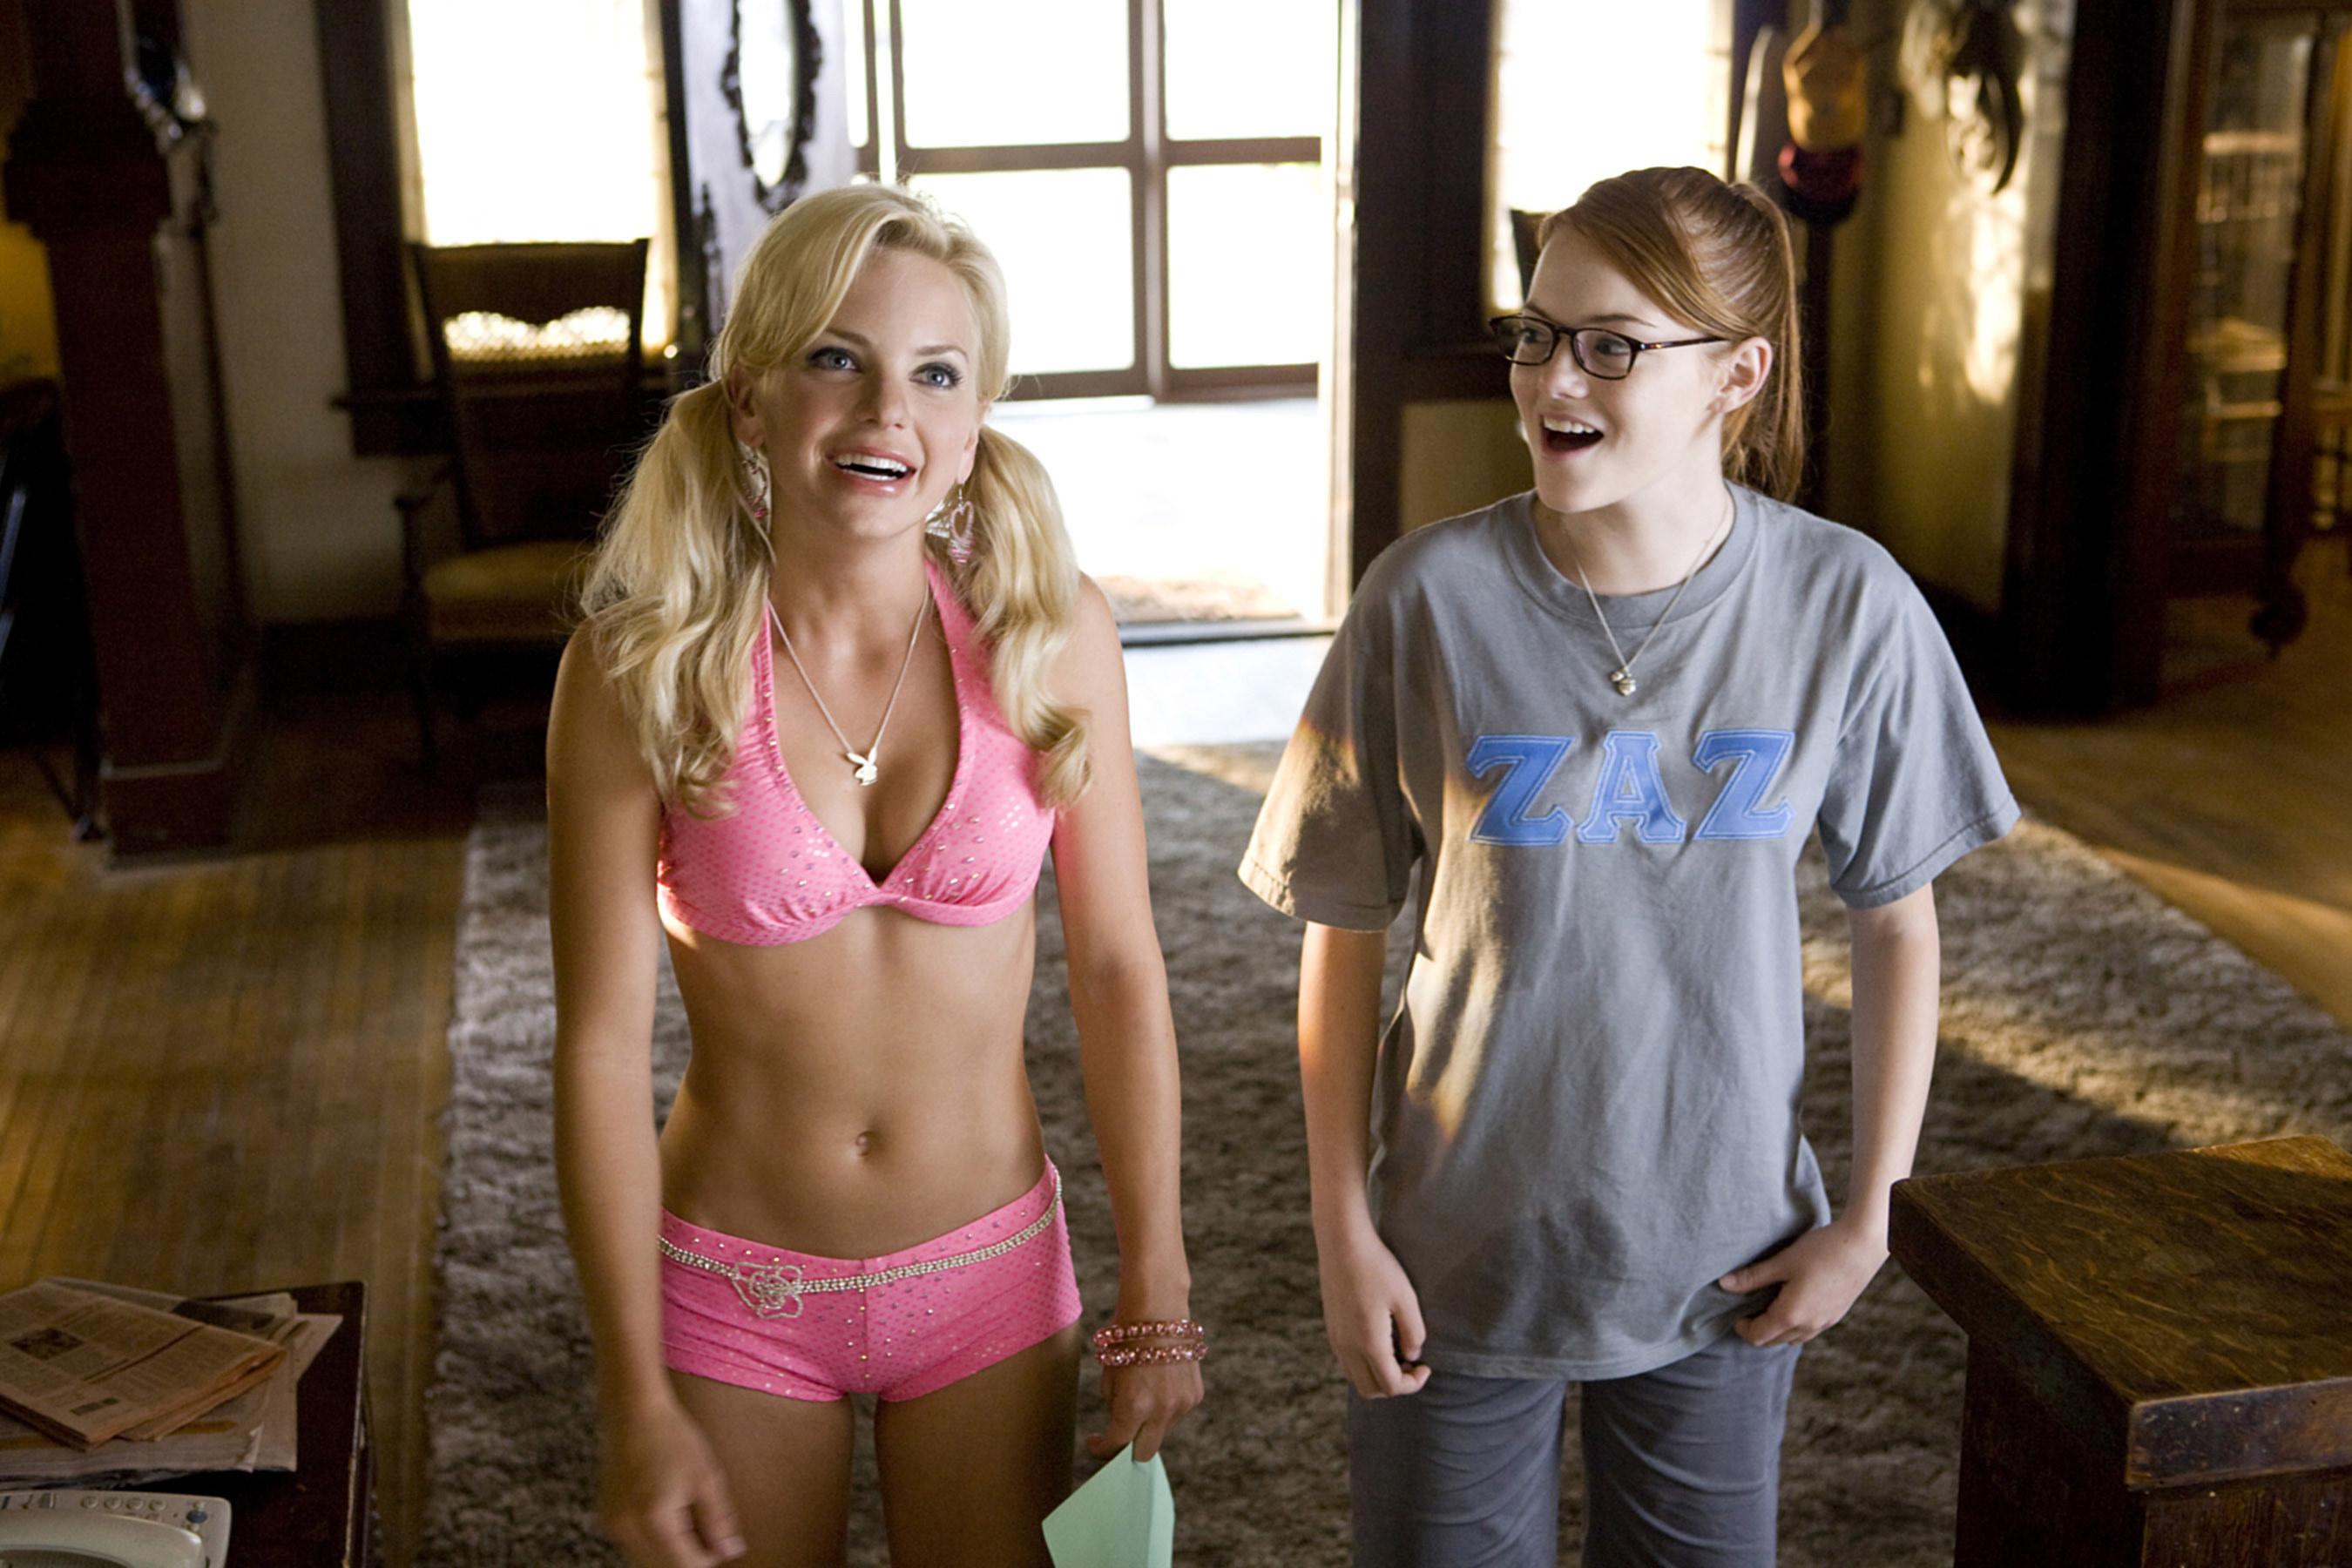 安娜·法里斯和艾玛·斯通站在一个女生联谊会的房子里